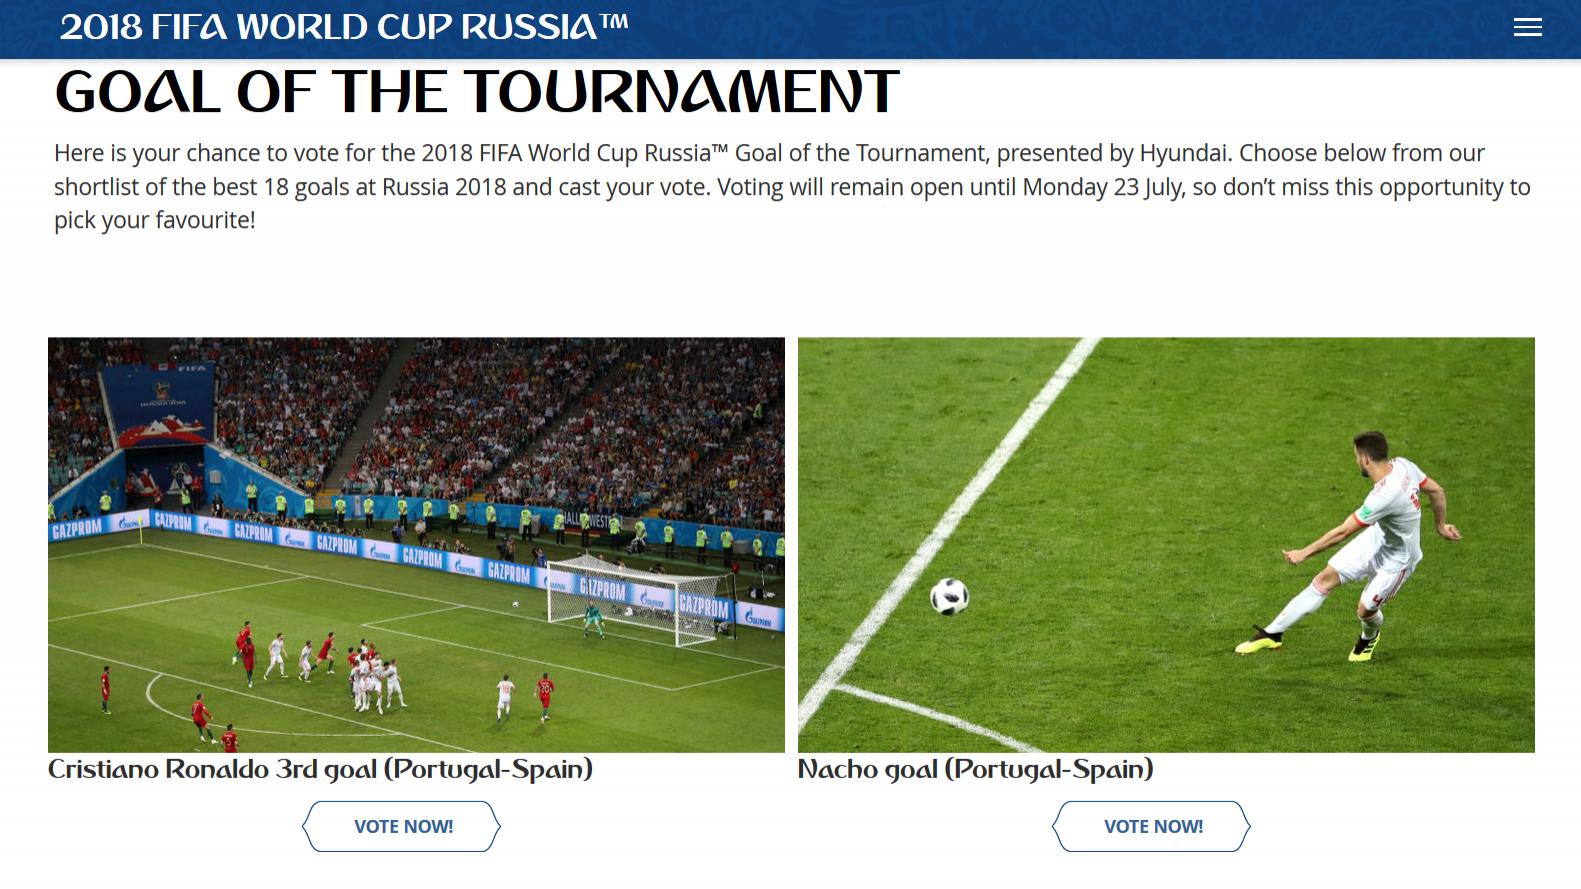 Depois do título de Campeão do Mundo, disputa-se agora o melhor golo. Ronaldo e Quaresma entre os nomeados